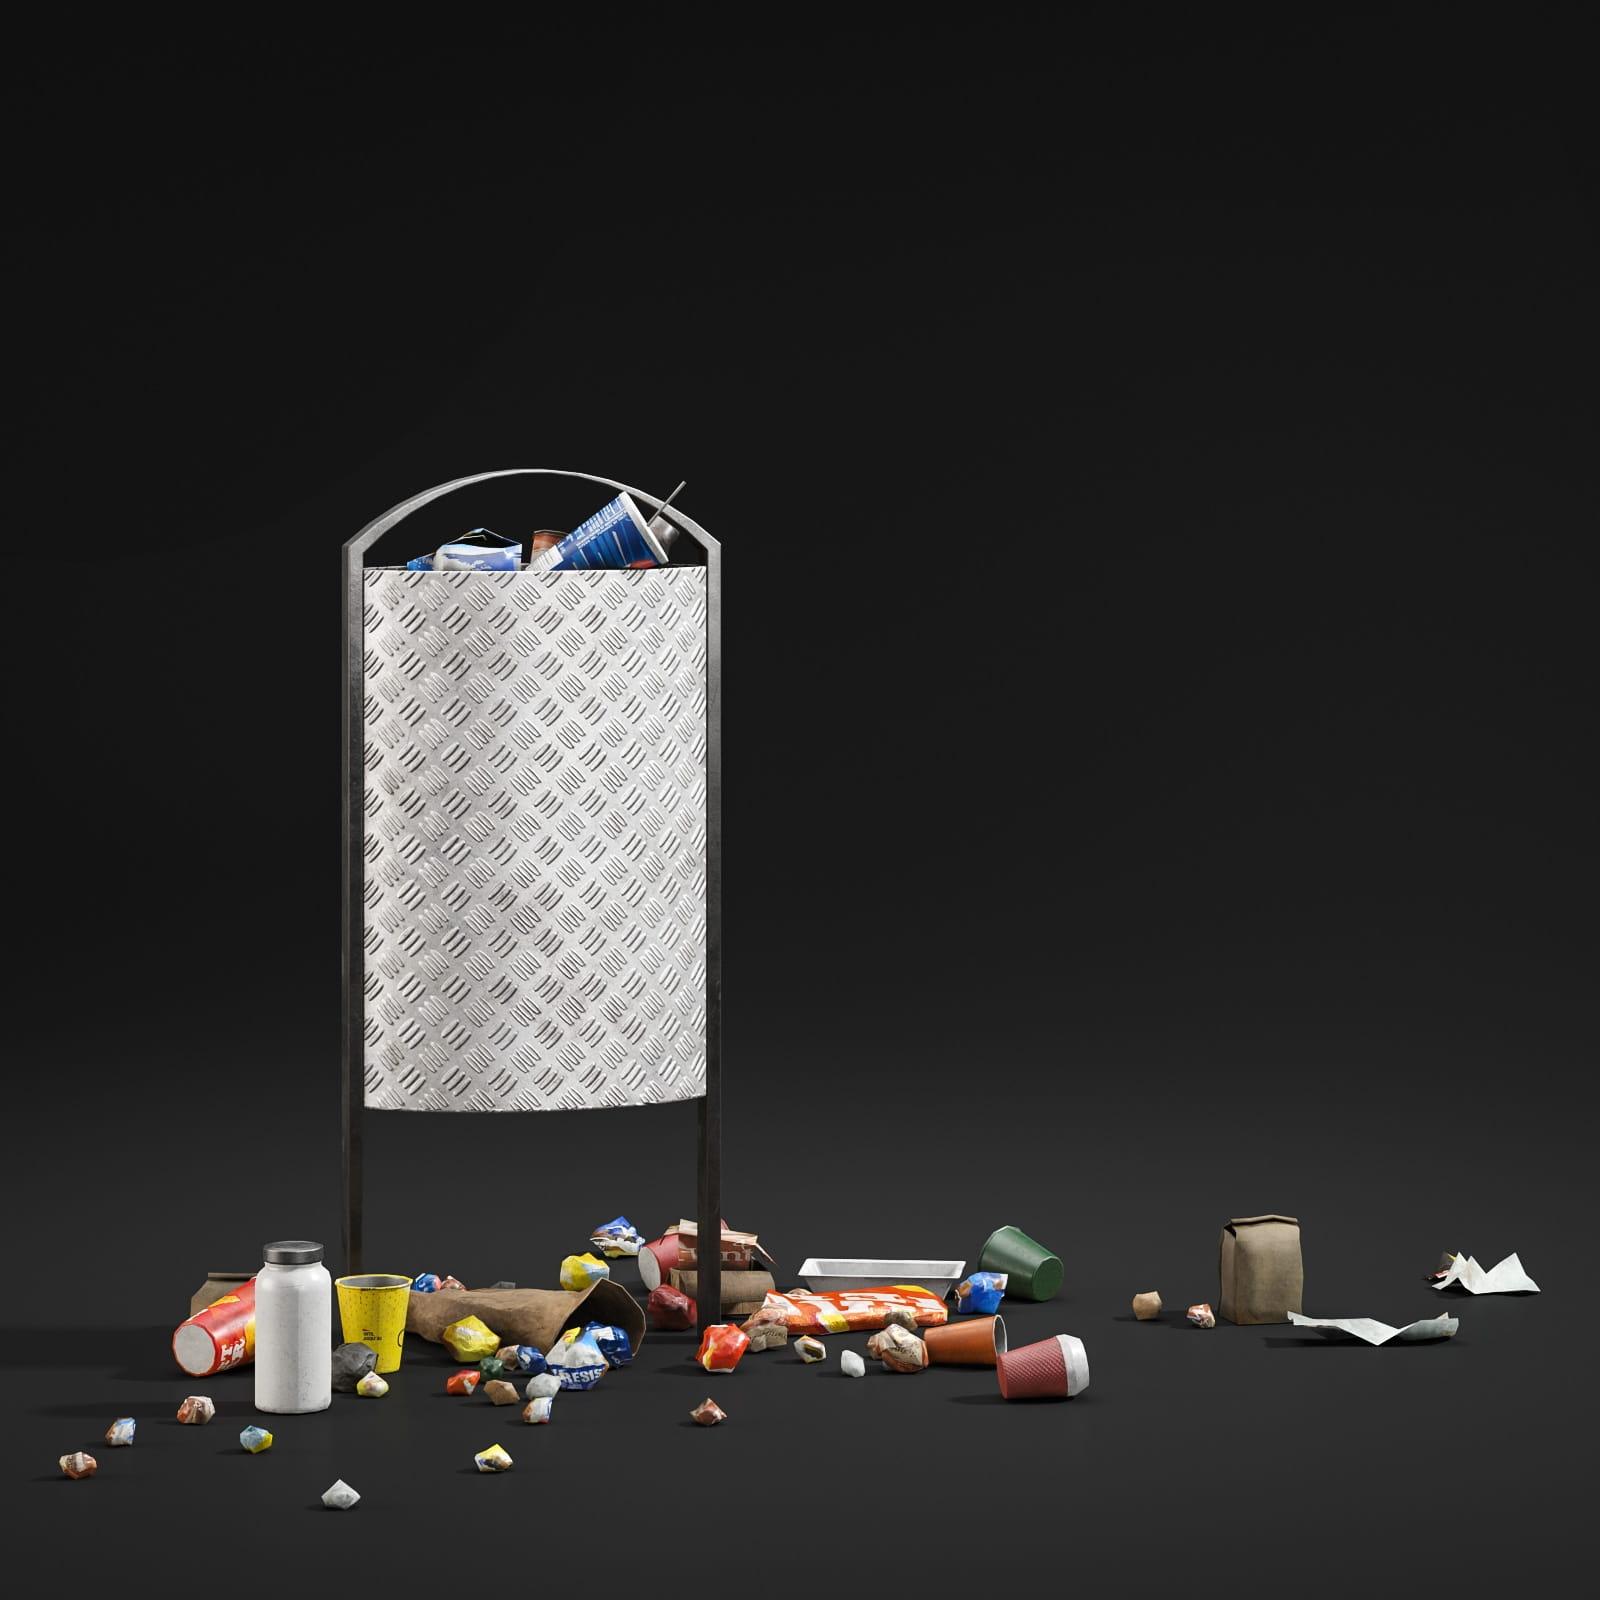 trash can 66 AM211 Archmodels